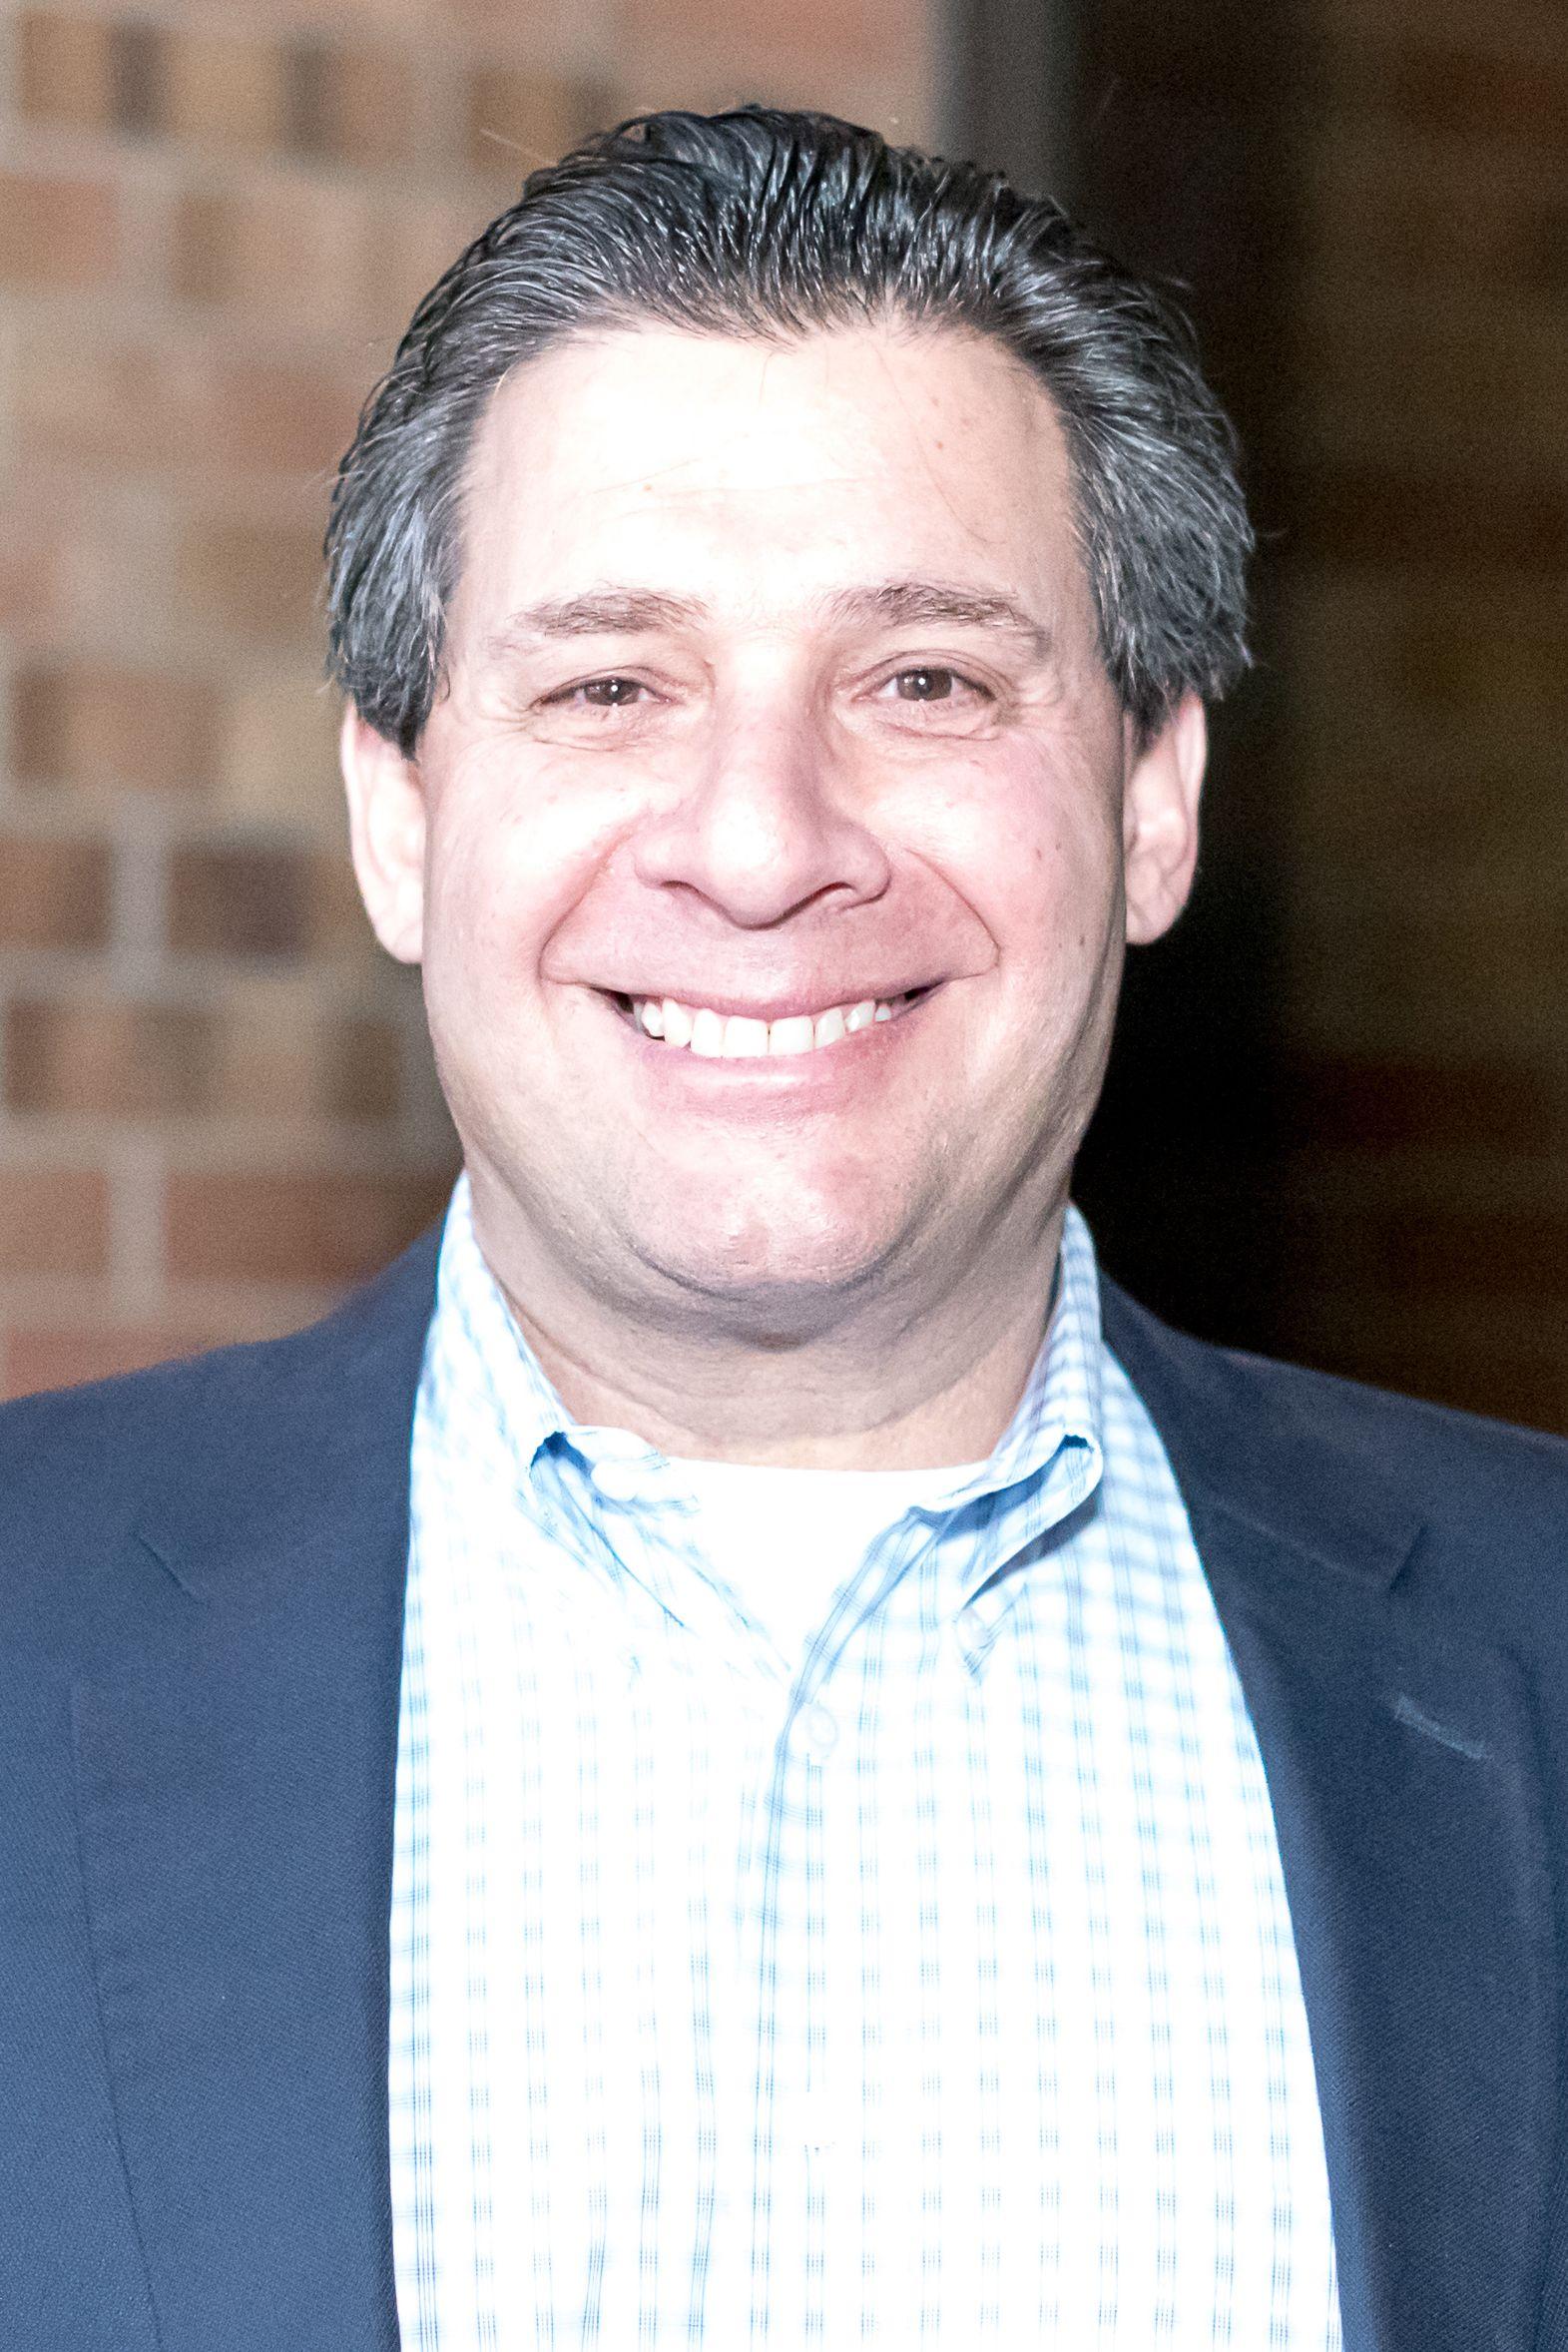 David Miller, Vice President